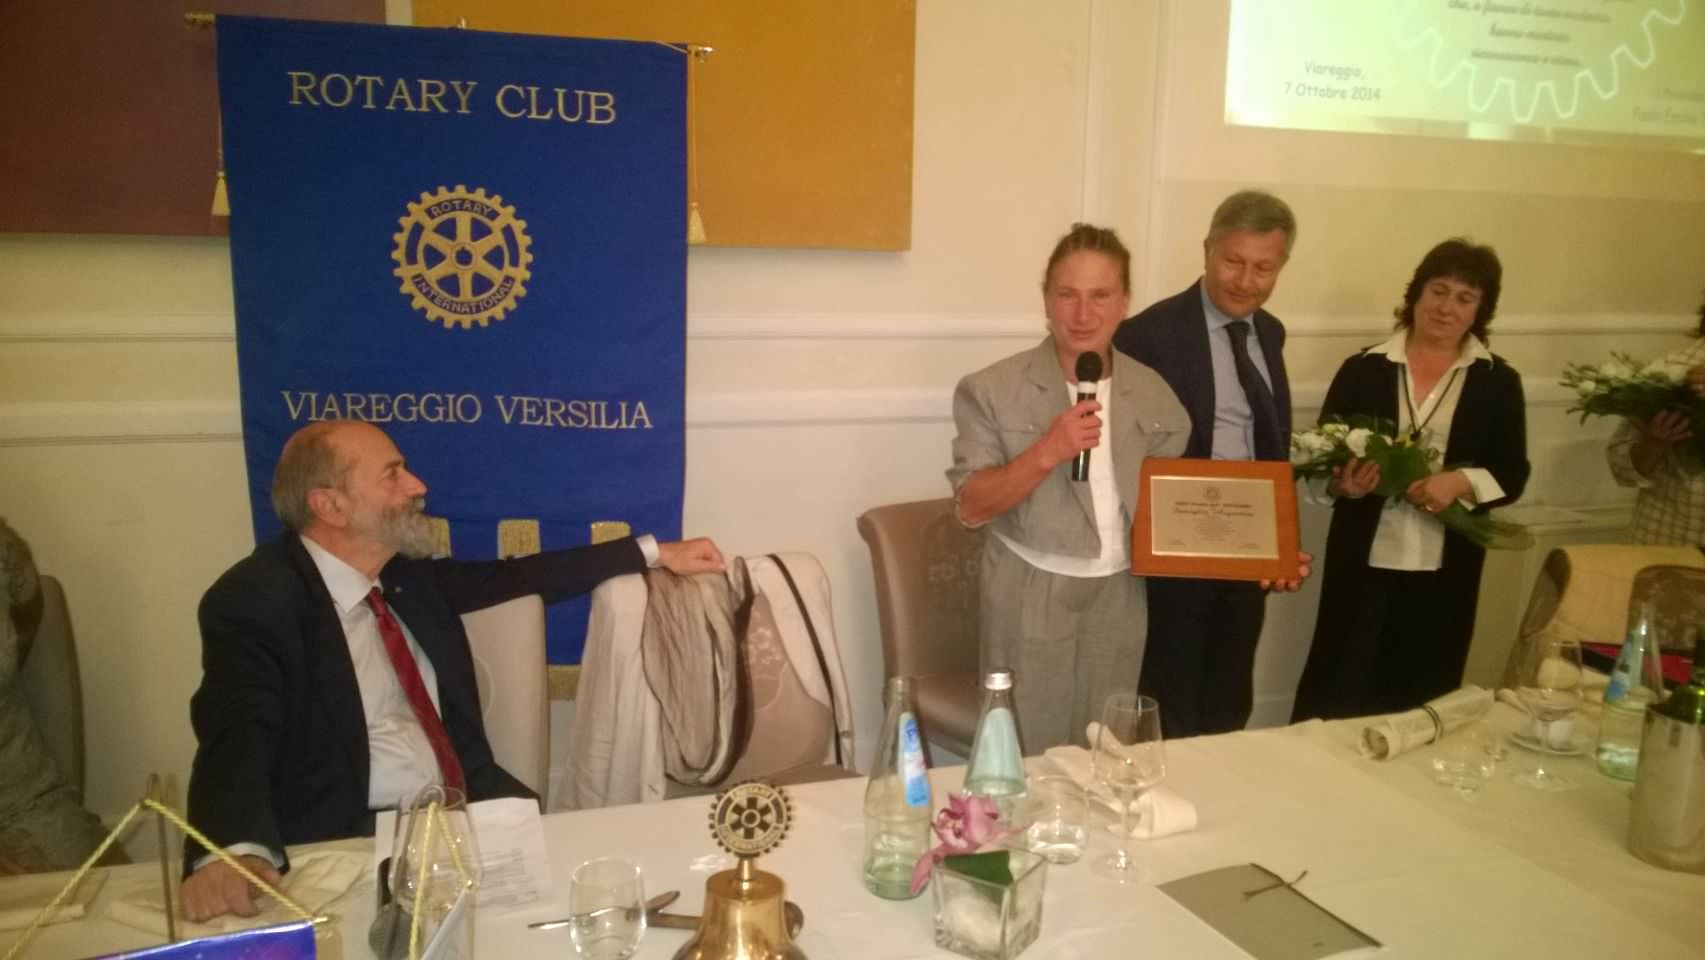 Premio alla professione rotary